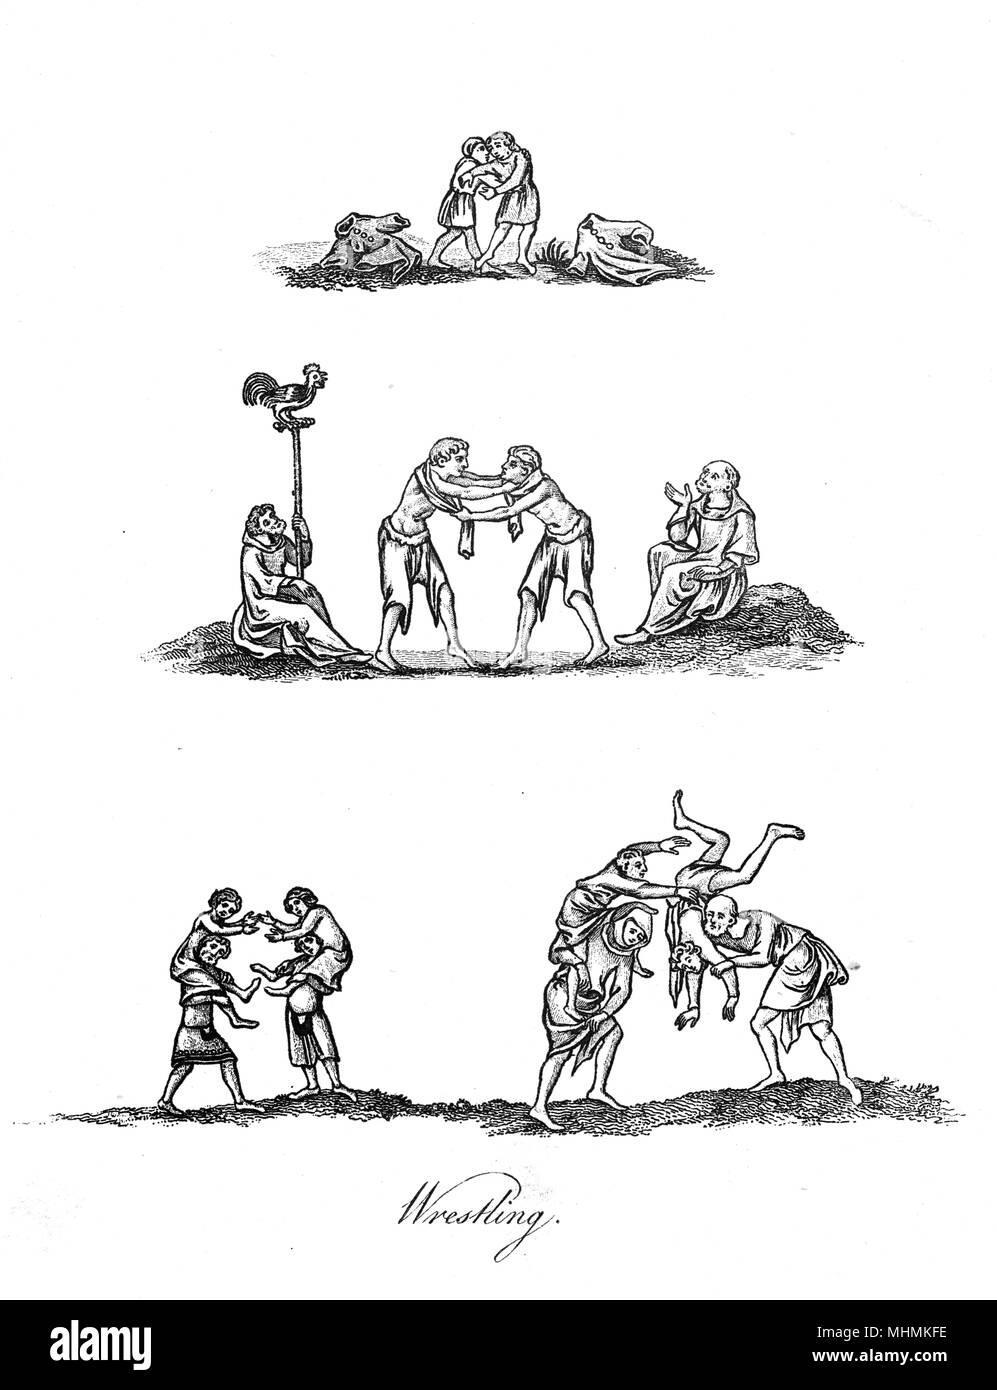 Diverses techniques utilisées à l'époque médiévale la lutte. Date: 14e siècle Photo Stock